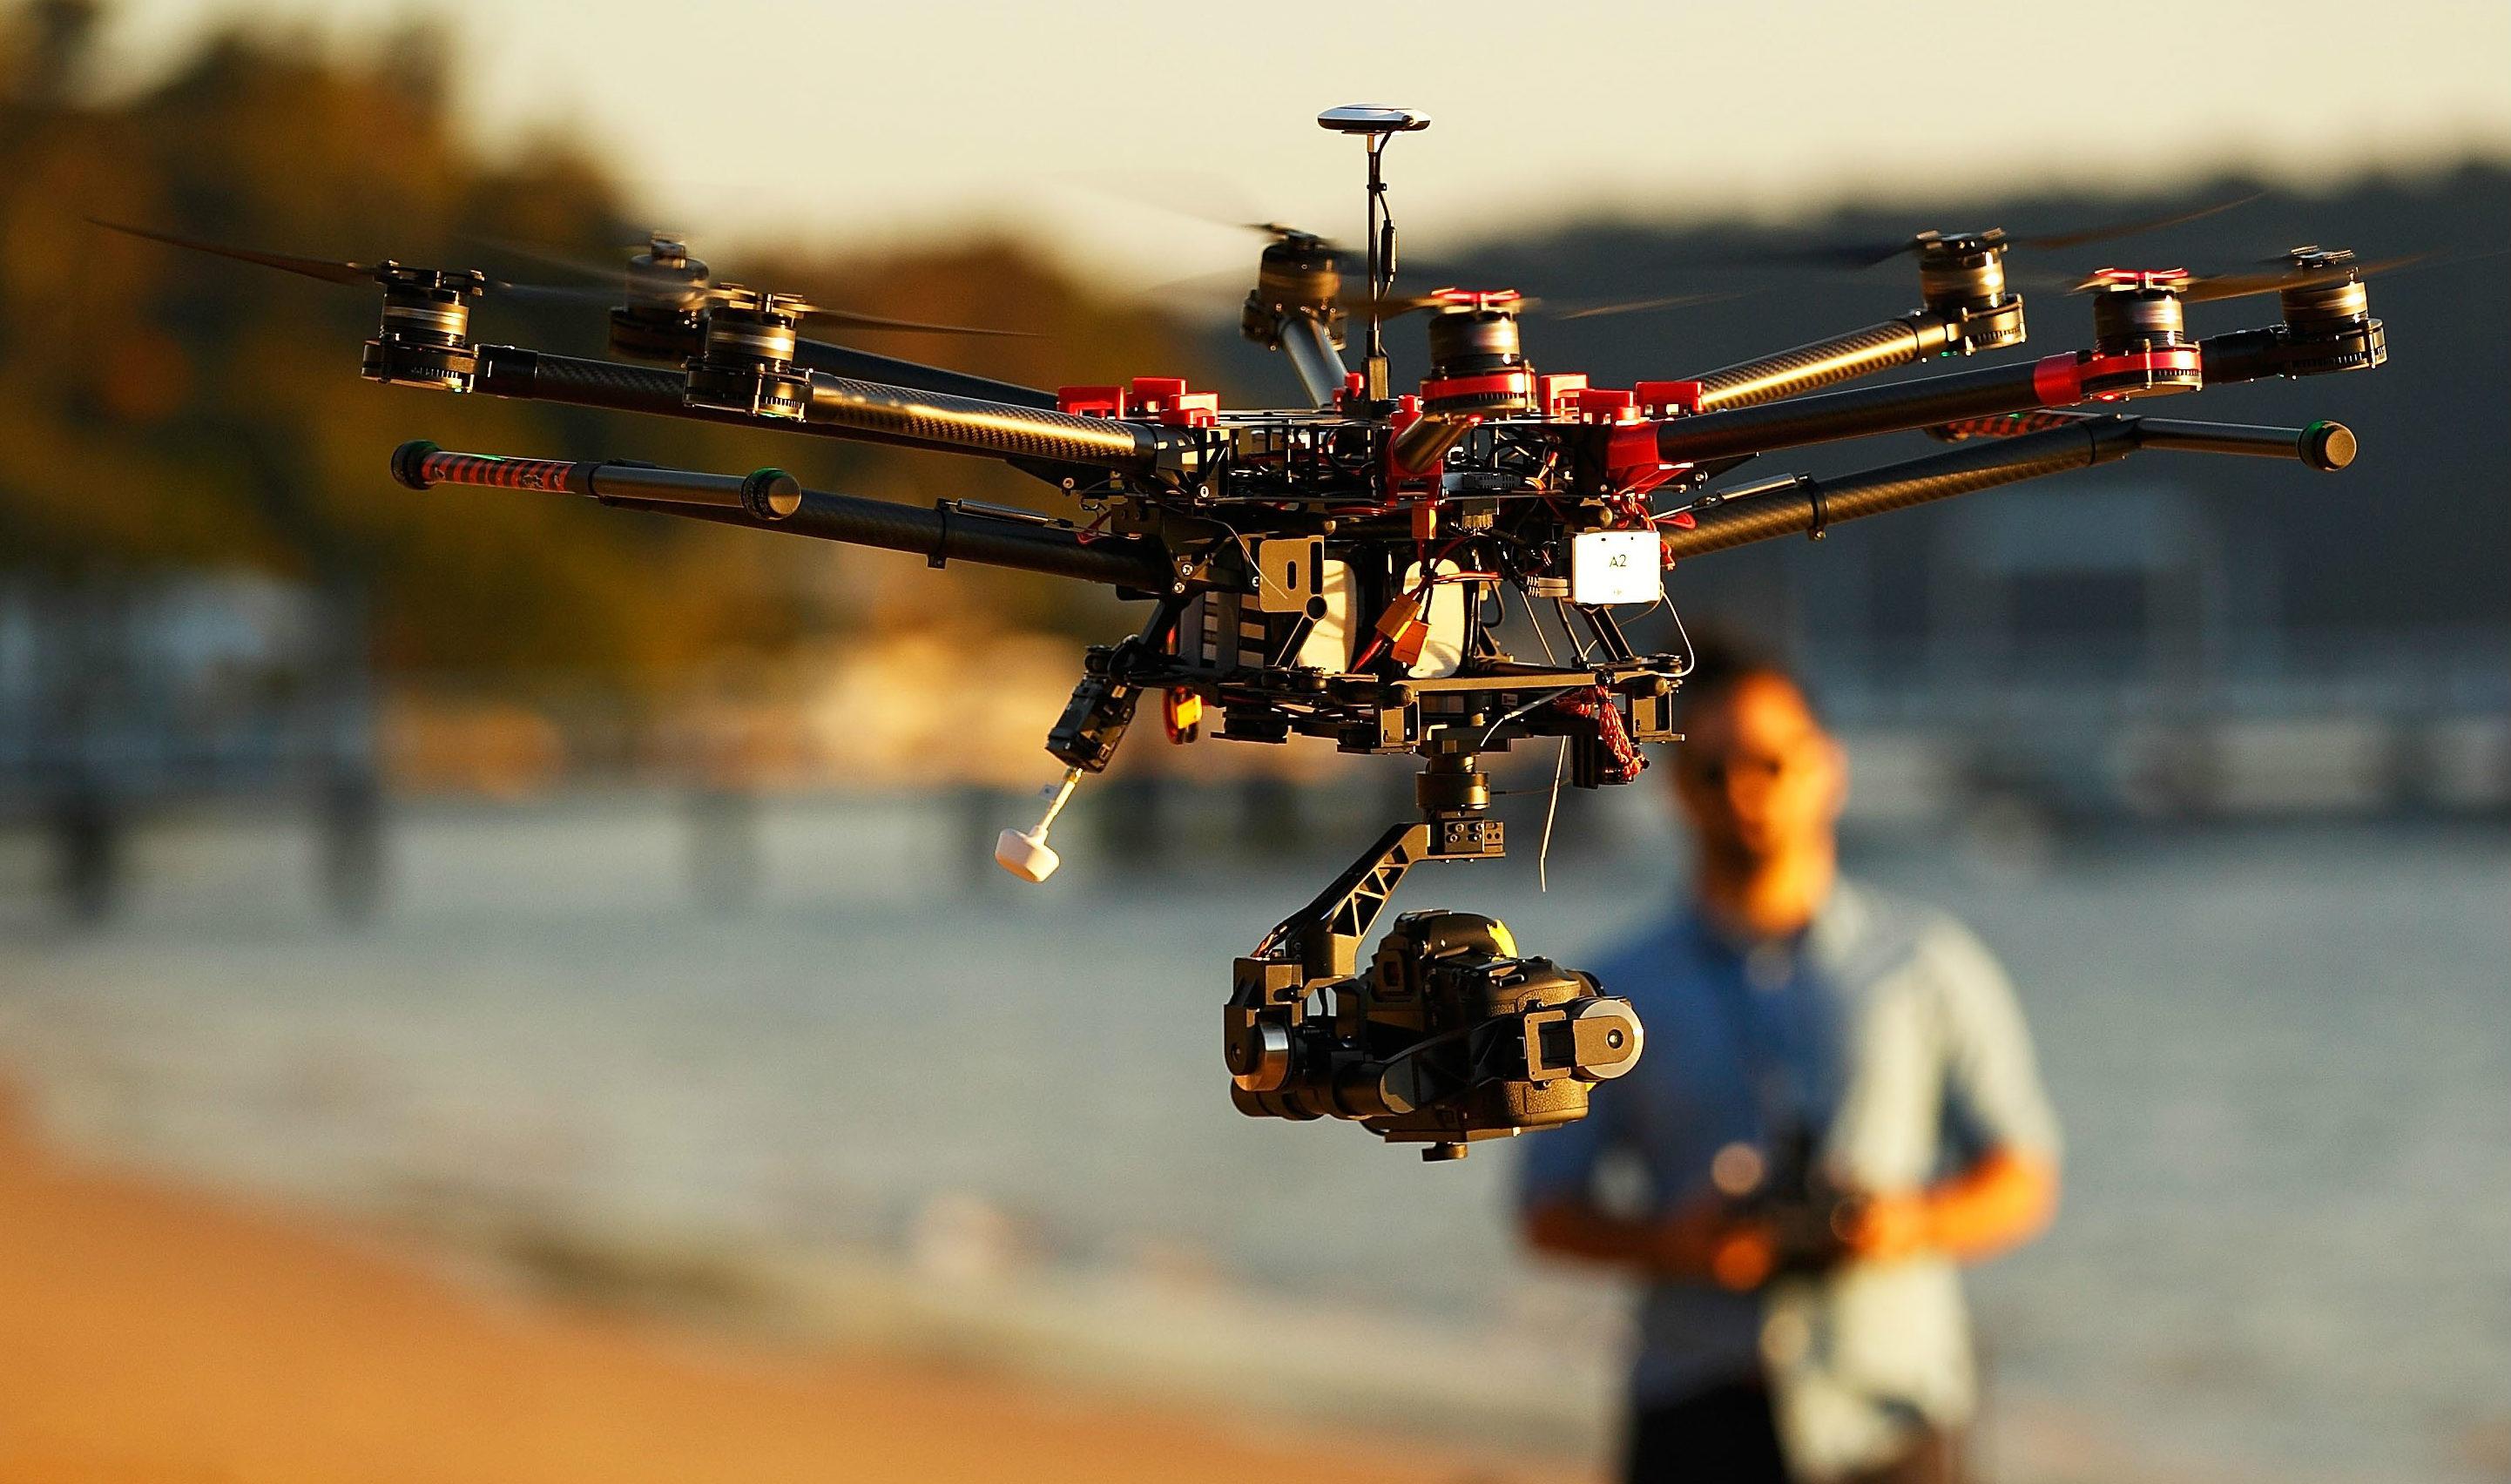 Ukraїnci pidkorjujuť NASA – rozrobyly systemu monitoryngu droniv